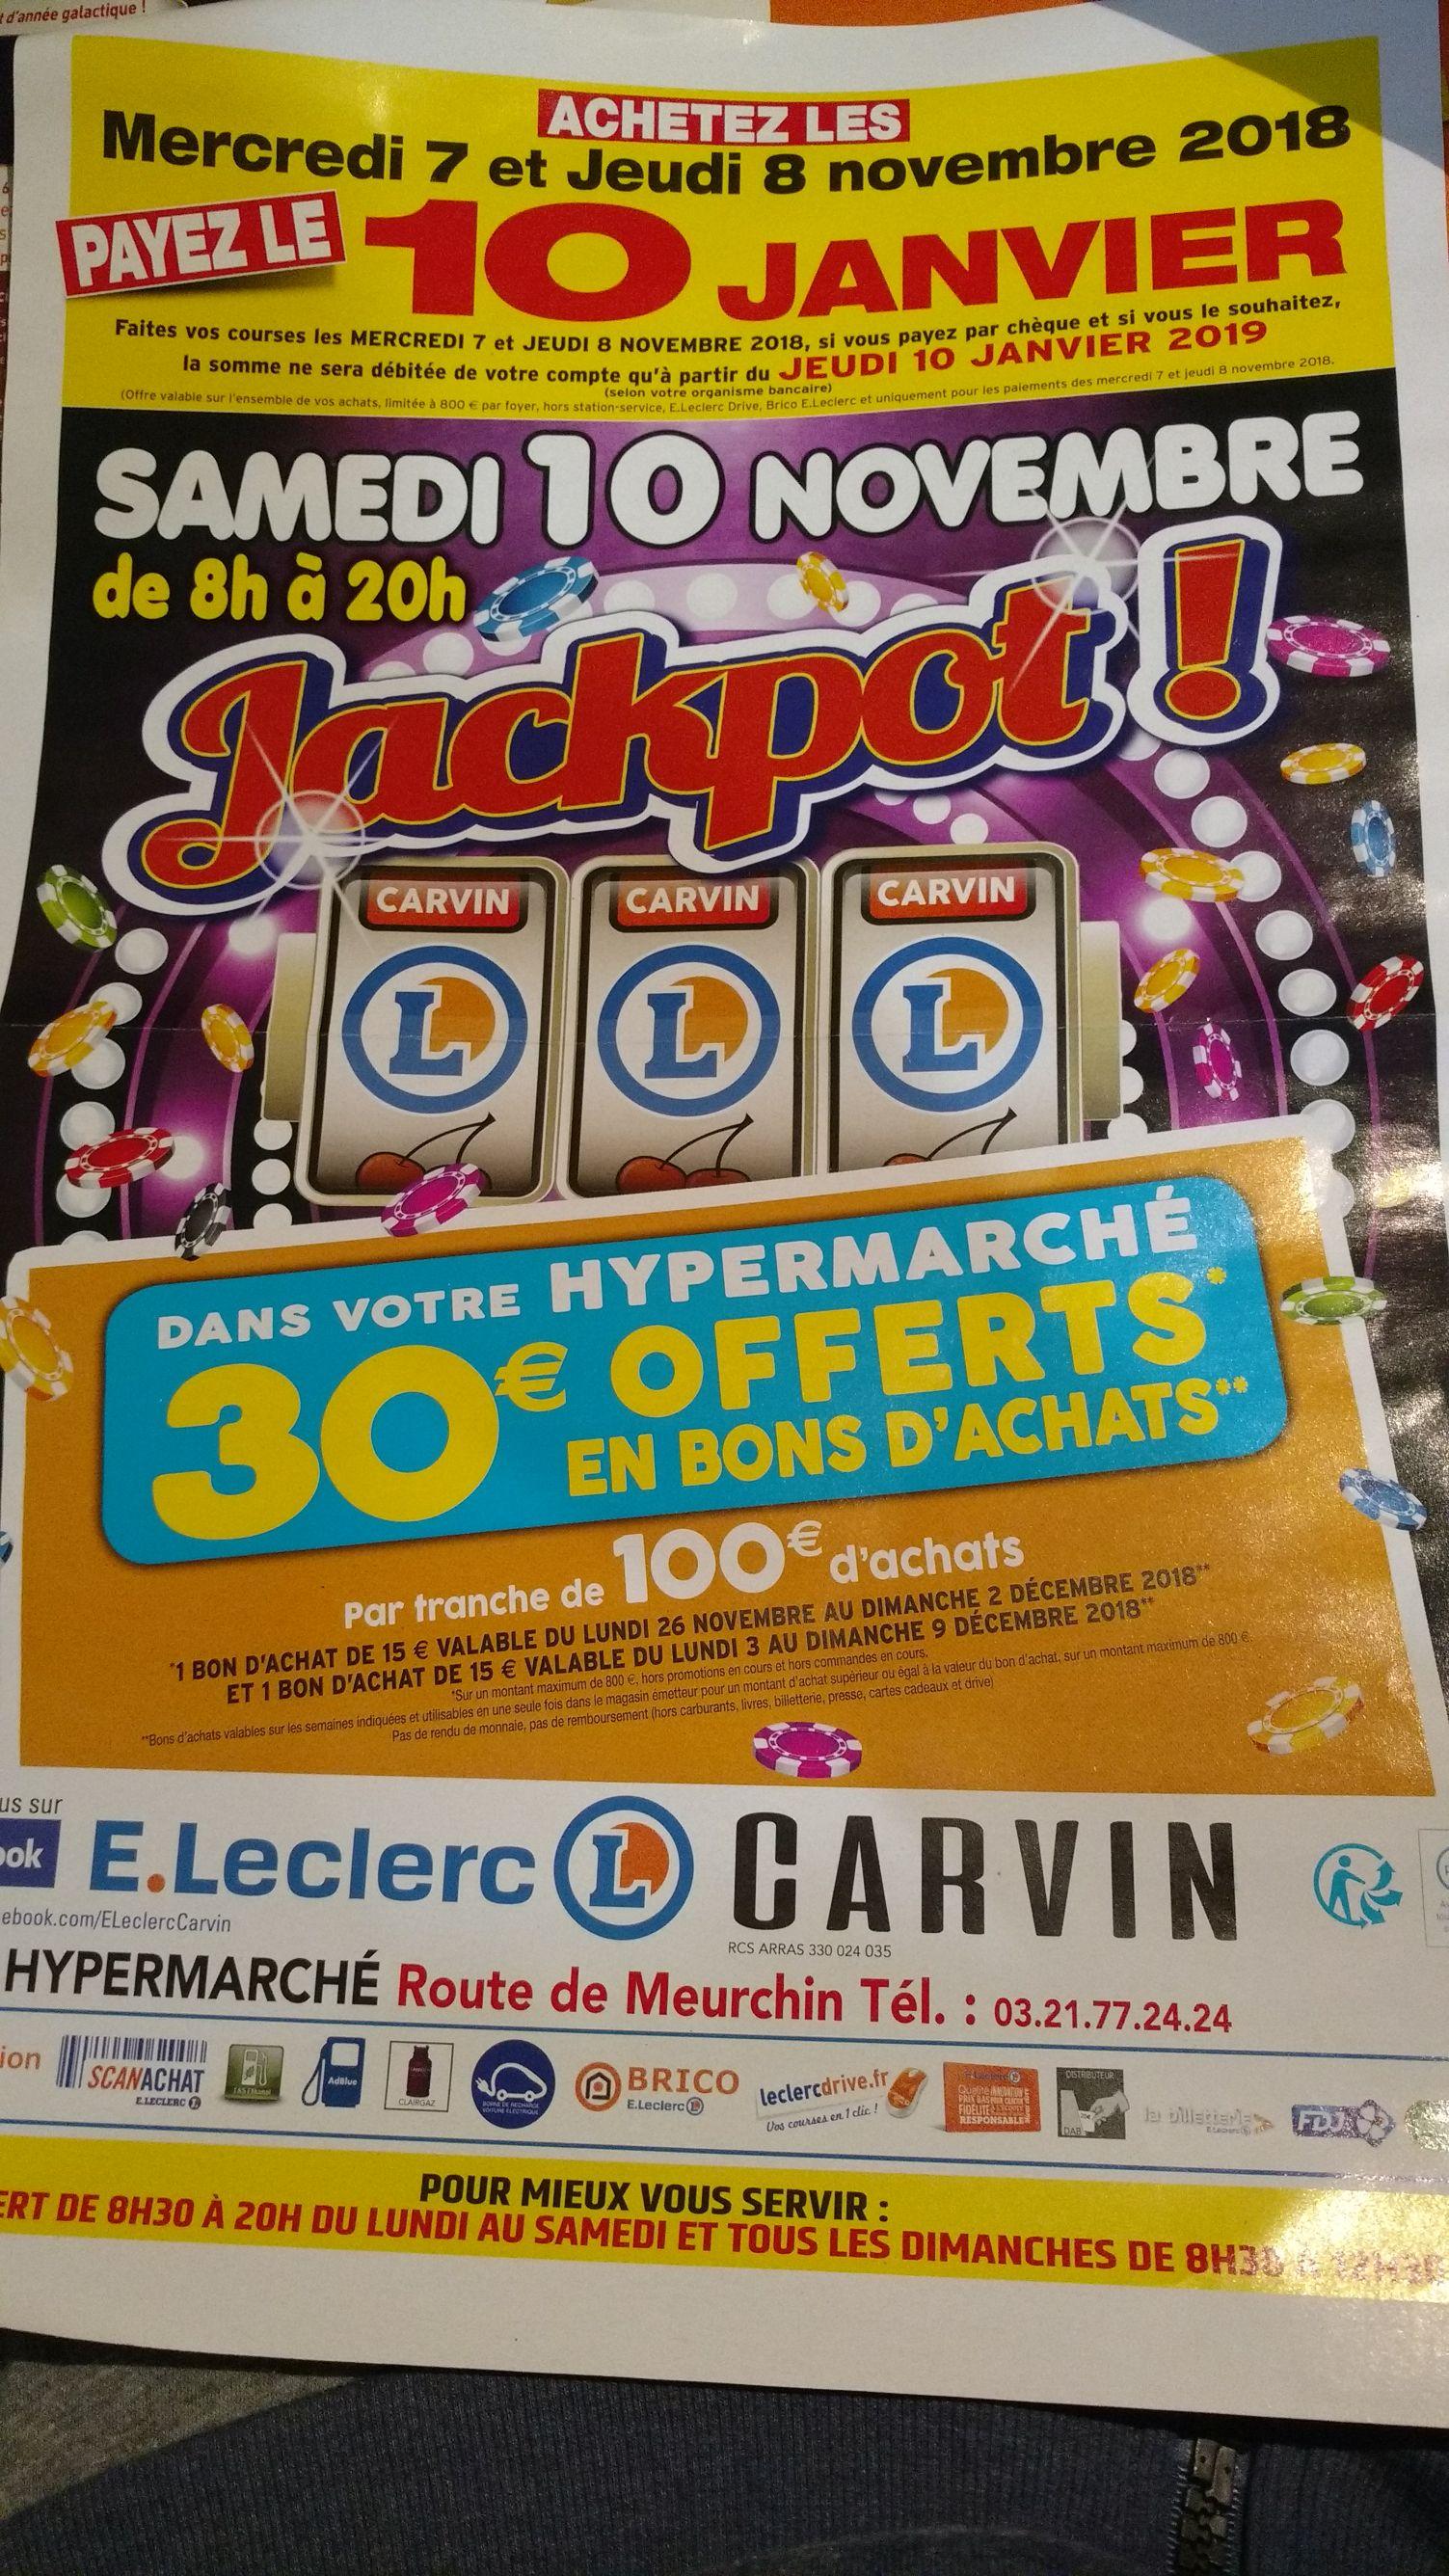 Lot de 2 bons d'achat de 15€ offerts tous les 100€ d'achat (800€ de courses max., hors promotions) - Carvin (62)